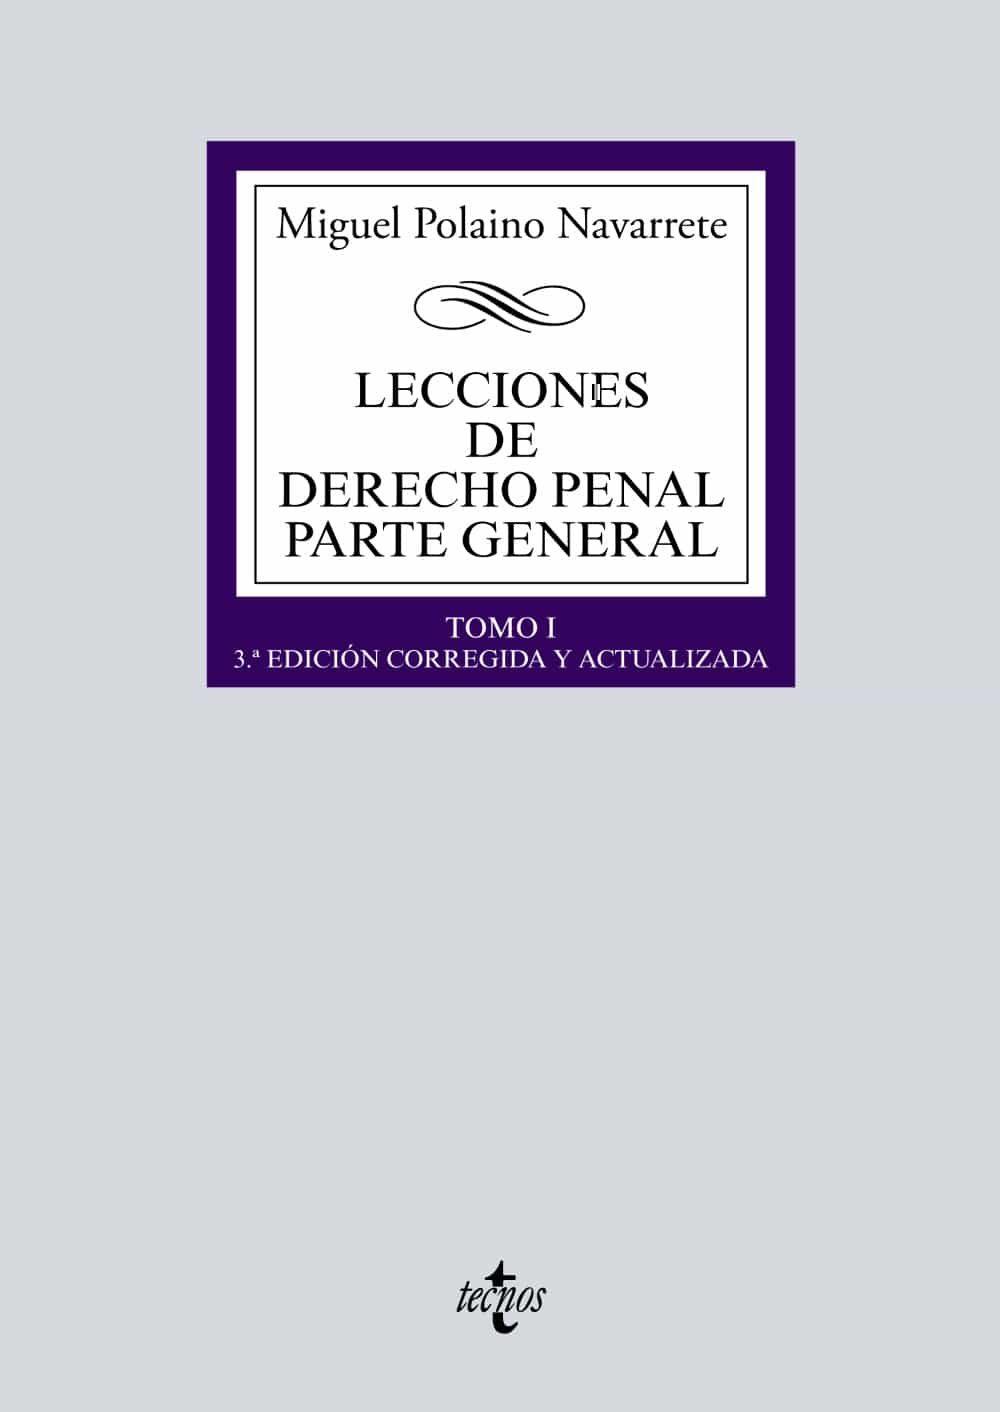 lecciones de derecho penal parte general tomo i (3ª ed.)-miguel polaino navarrete-9788430971343